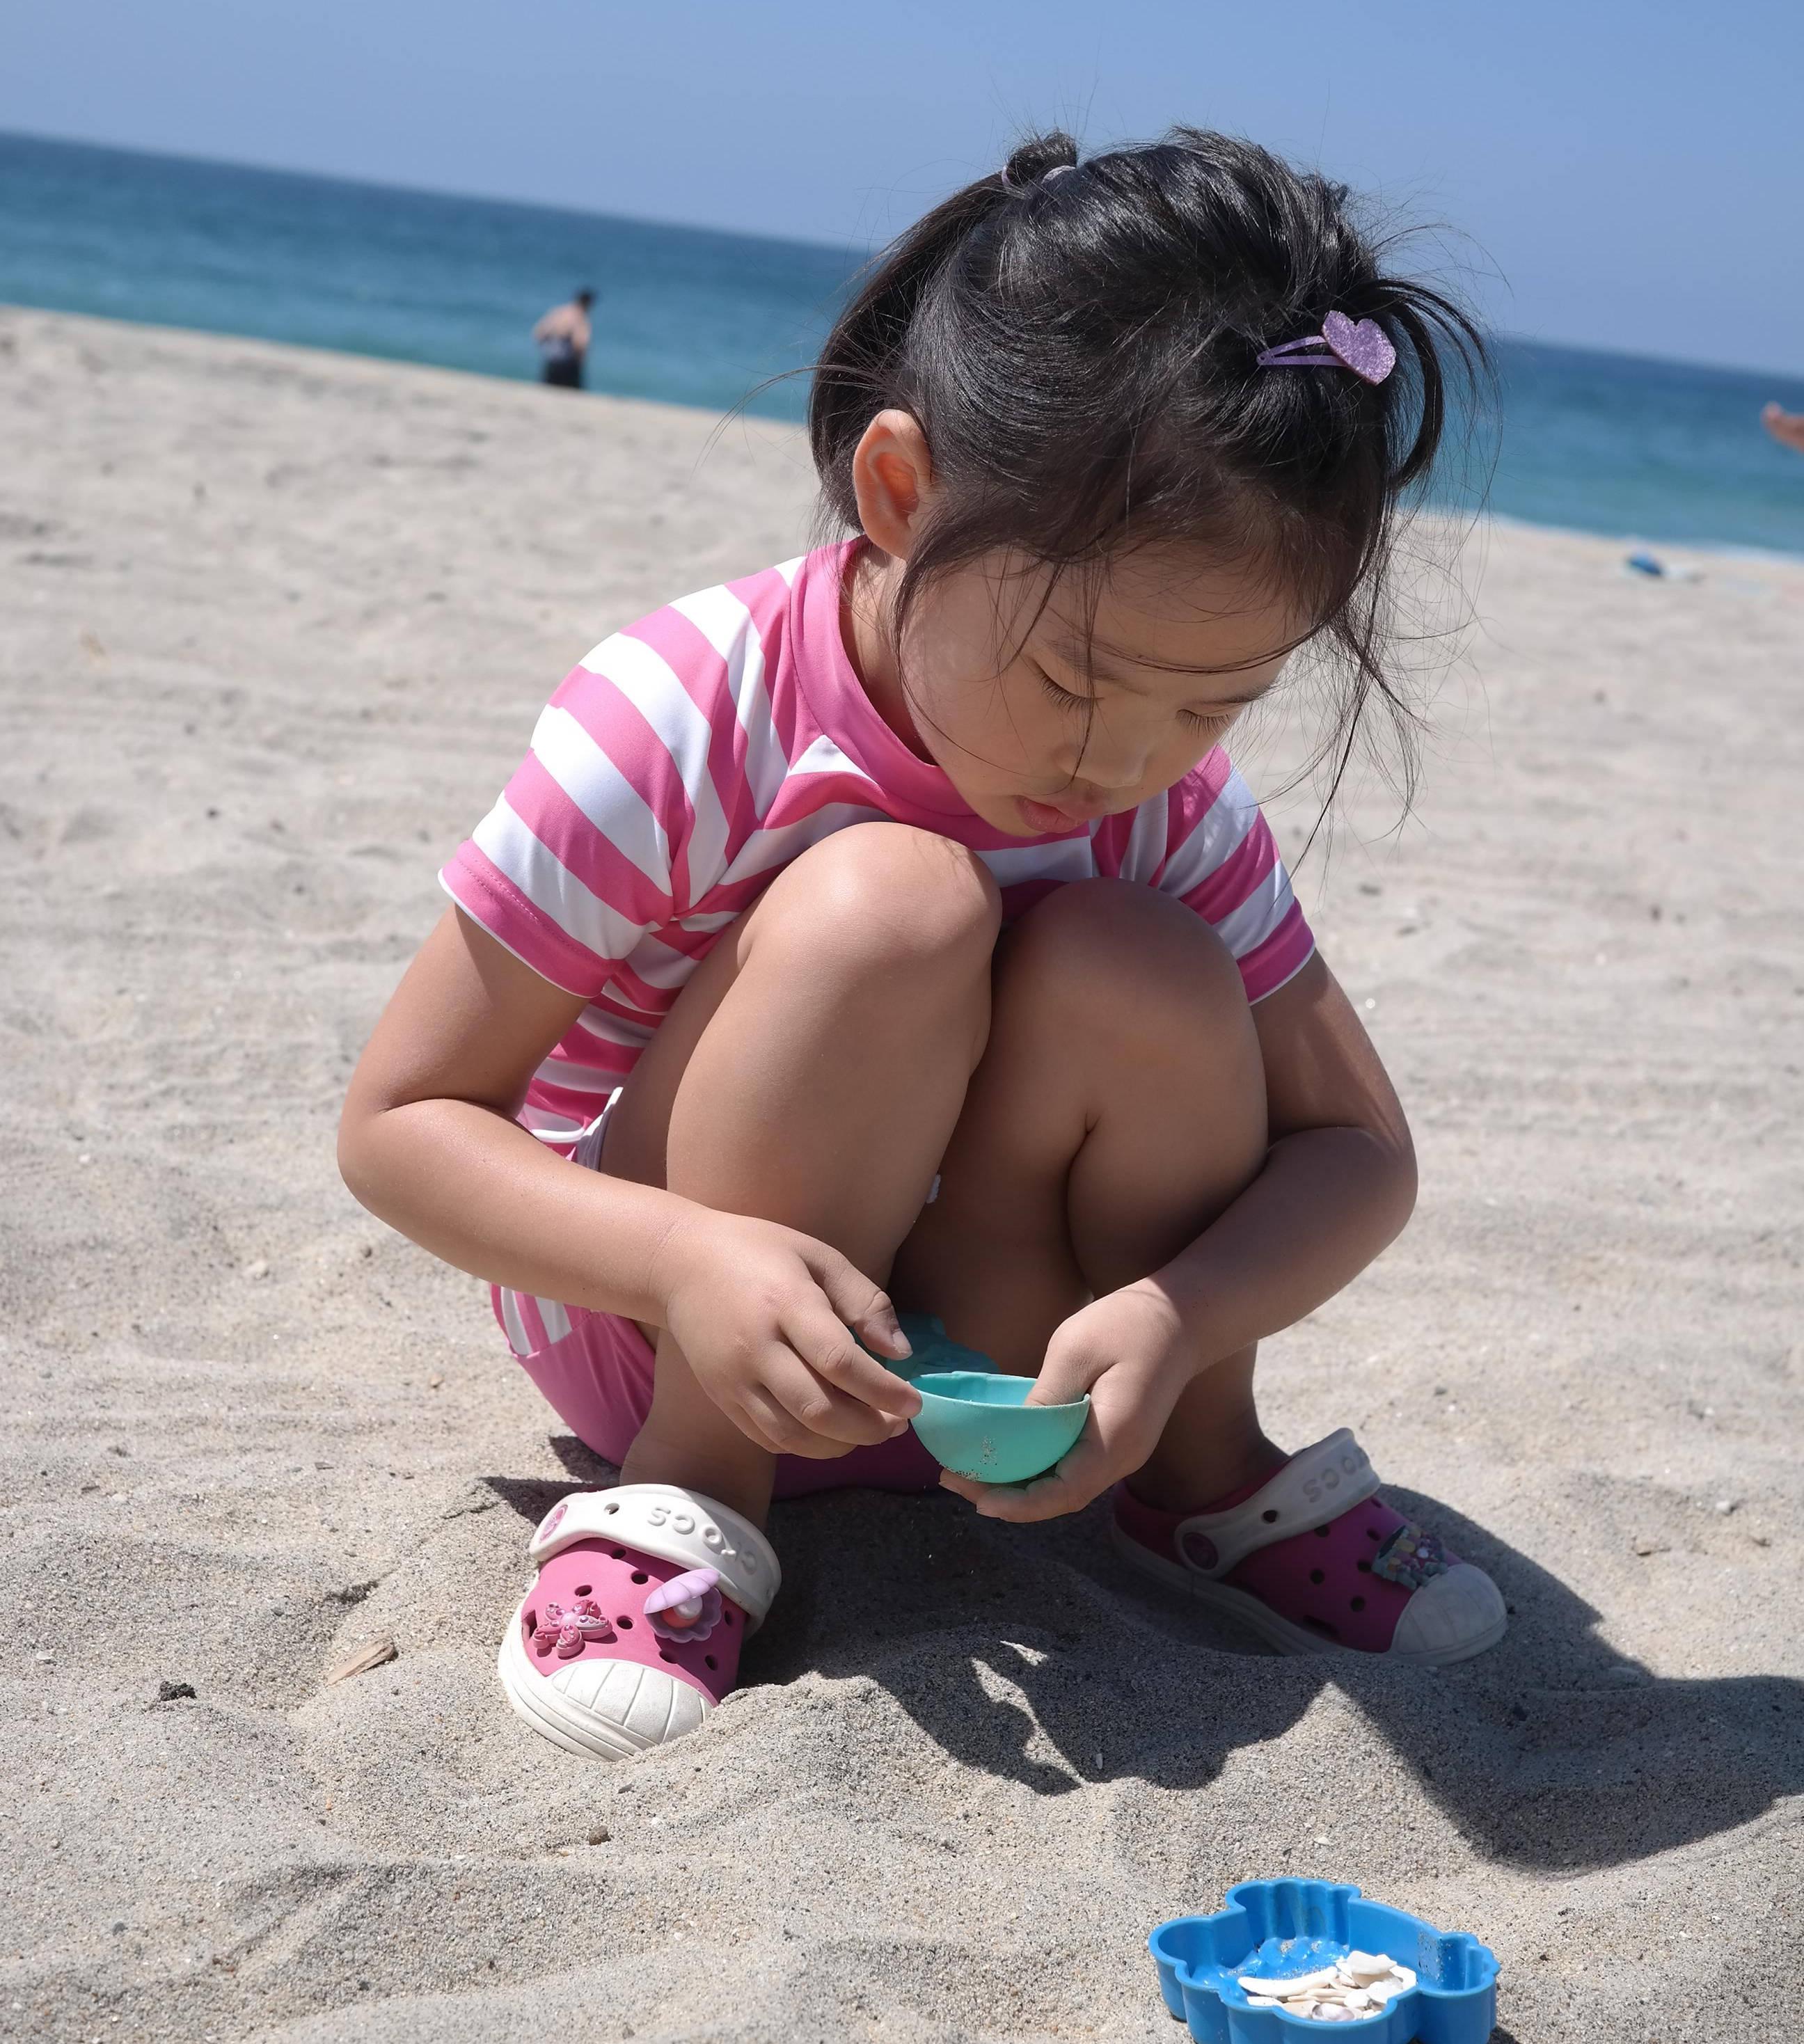 모래 놀이하며 겁질 수집 중